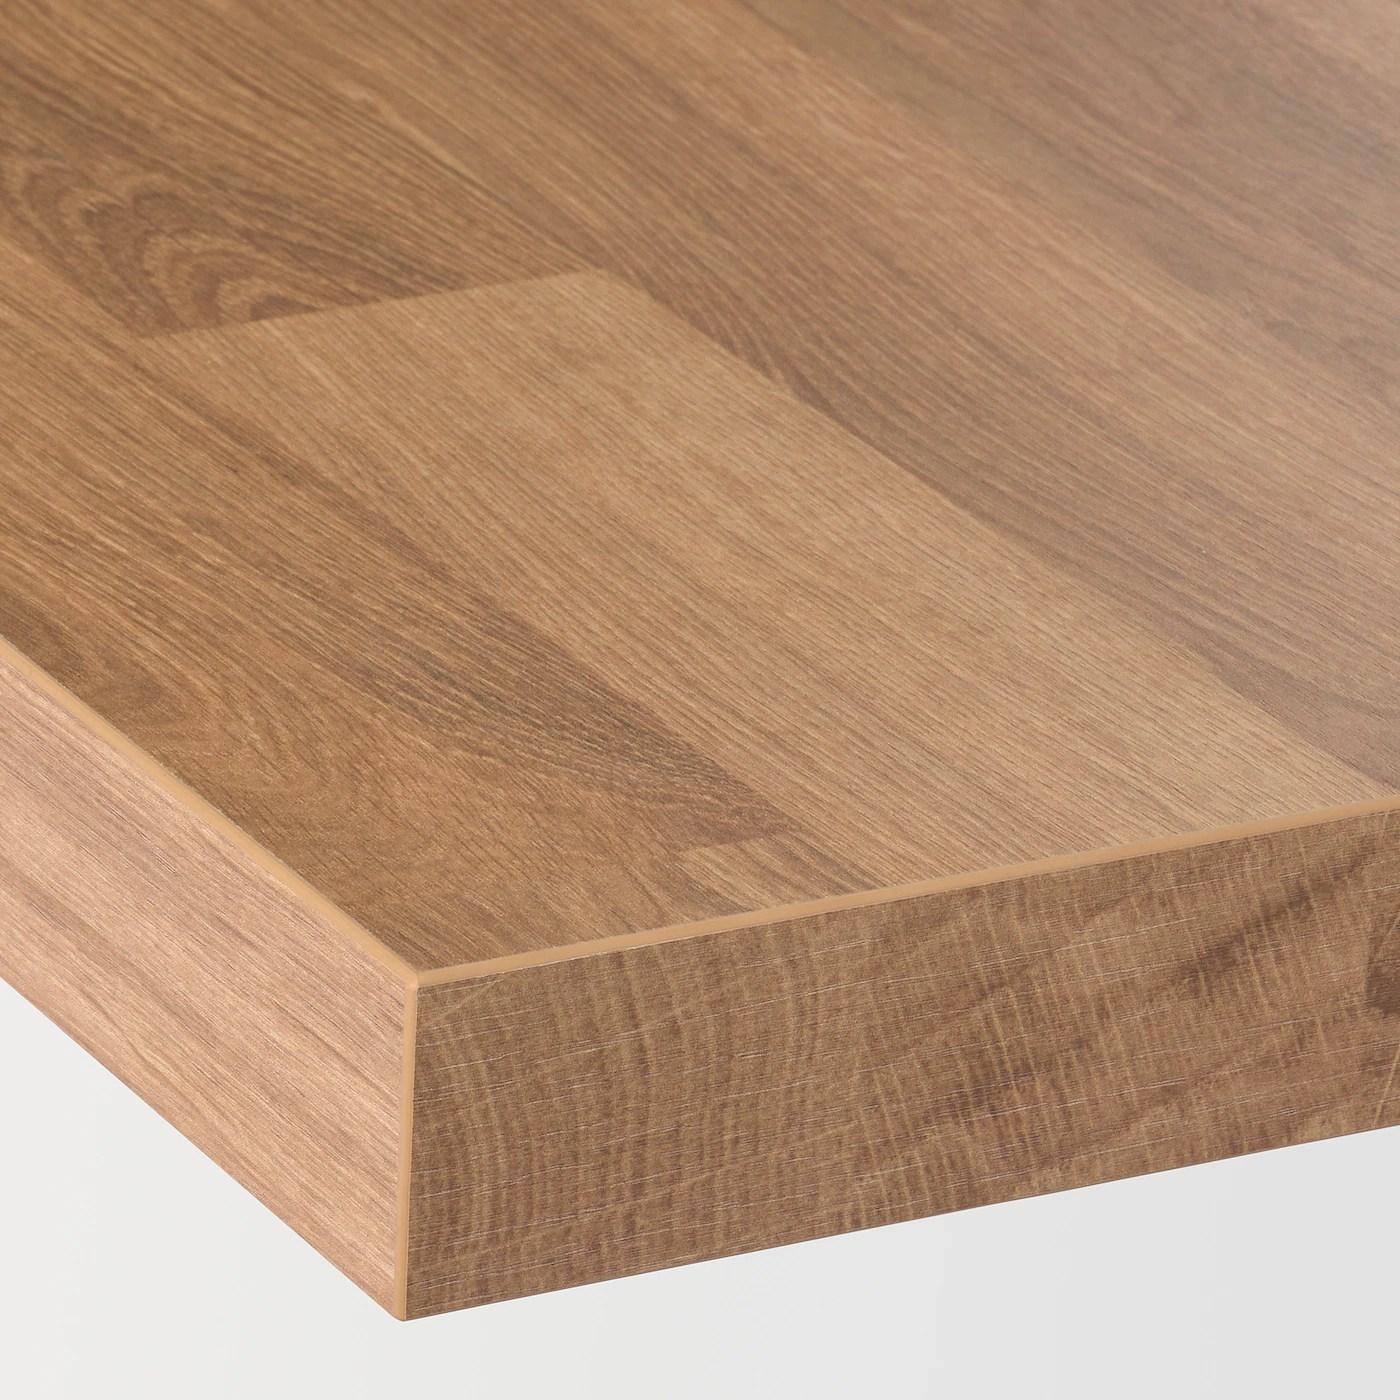 Saljan Plan De Travail Motif Chene Stratifie 186x3 8 Cm Ikea